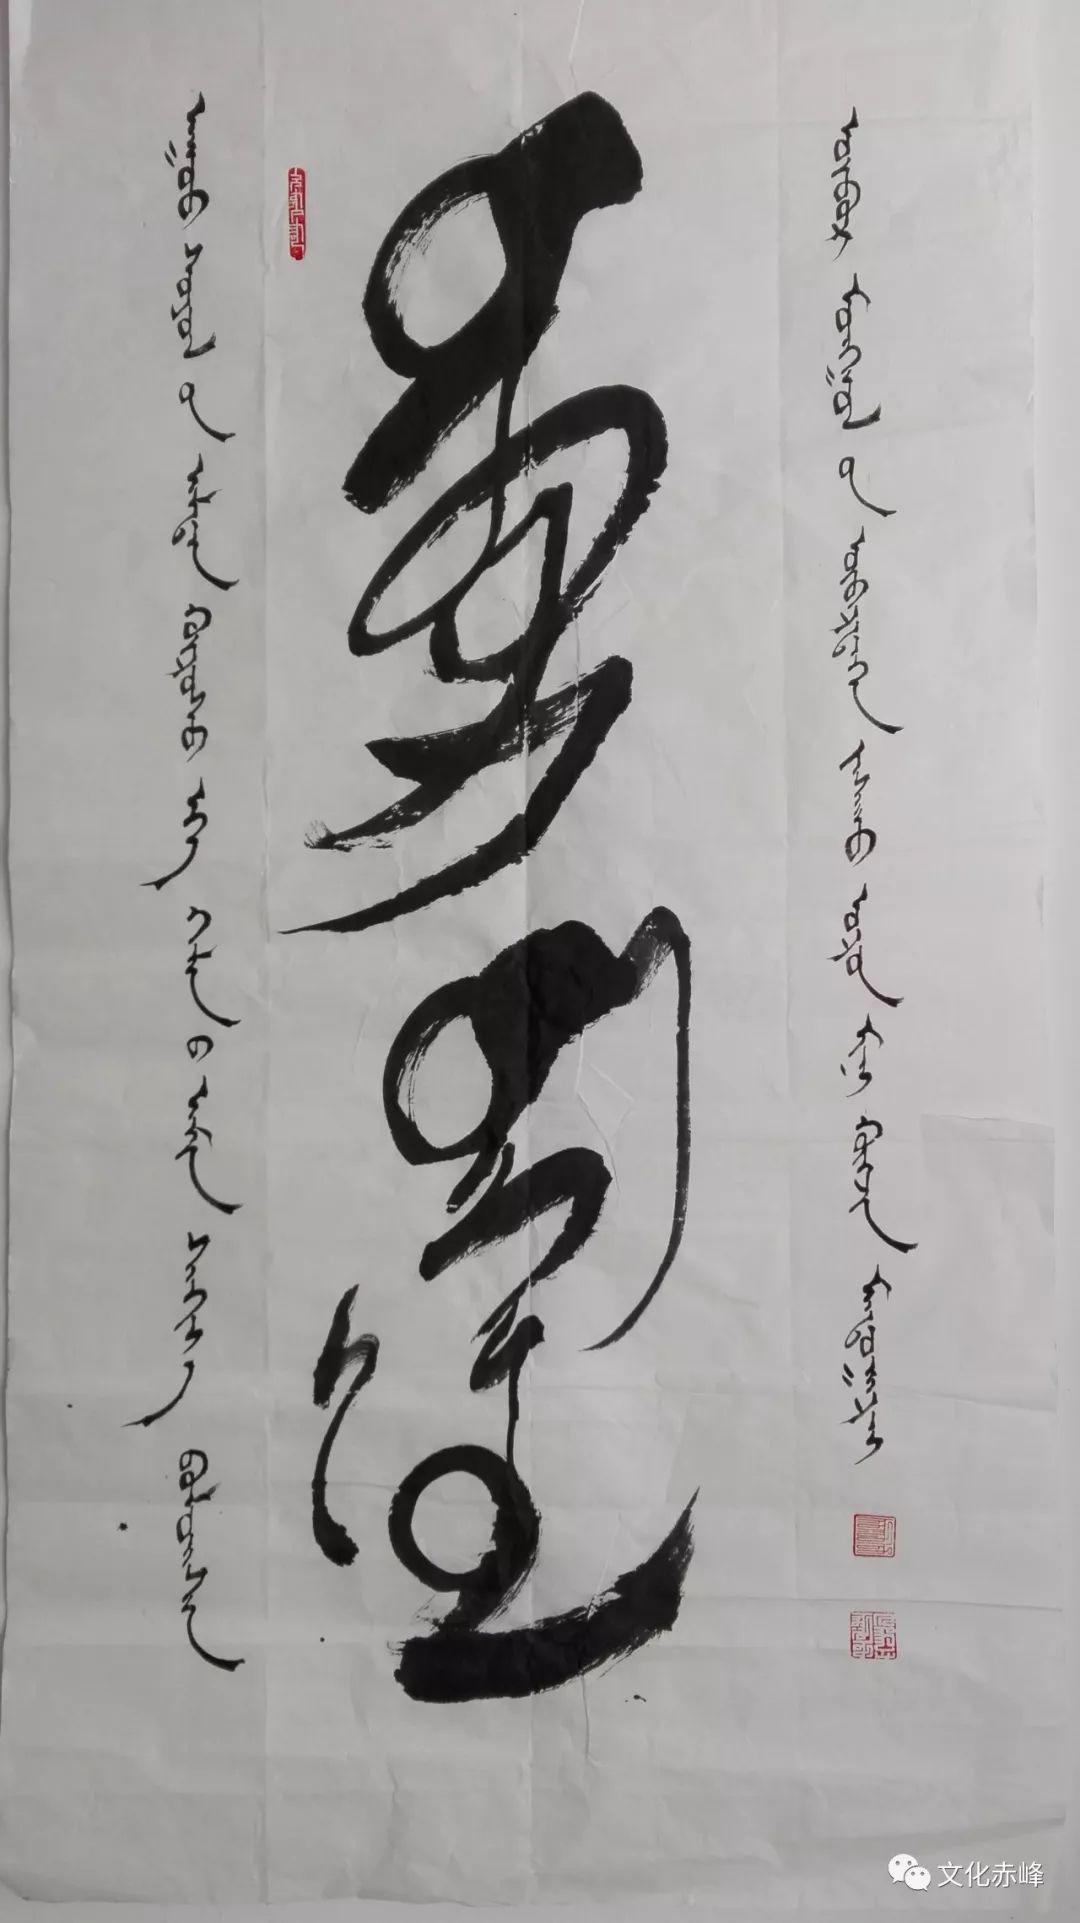 【文化赤峰】额尔敦巴图蒙古文书法作品欣赏! 第8张